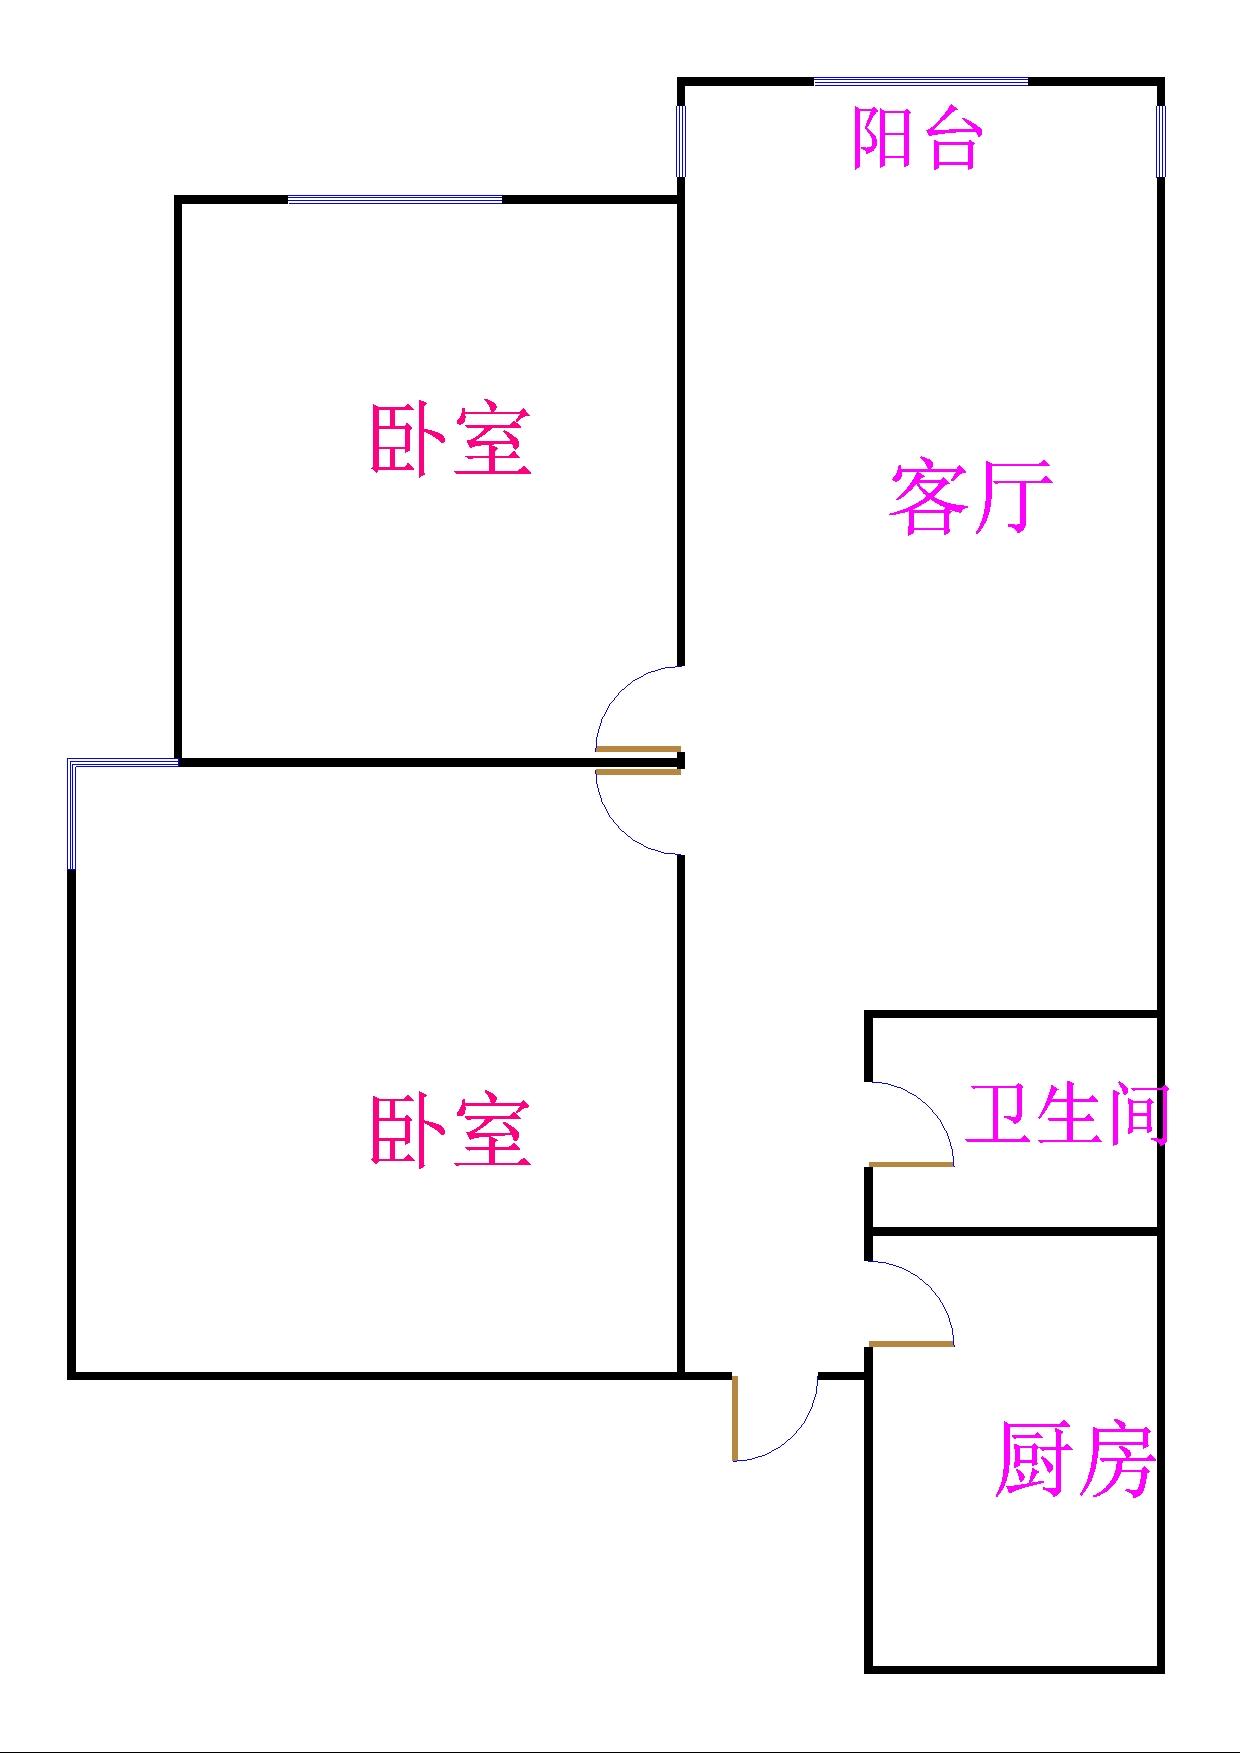 凯旋花园 2室2厅  简装 63万